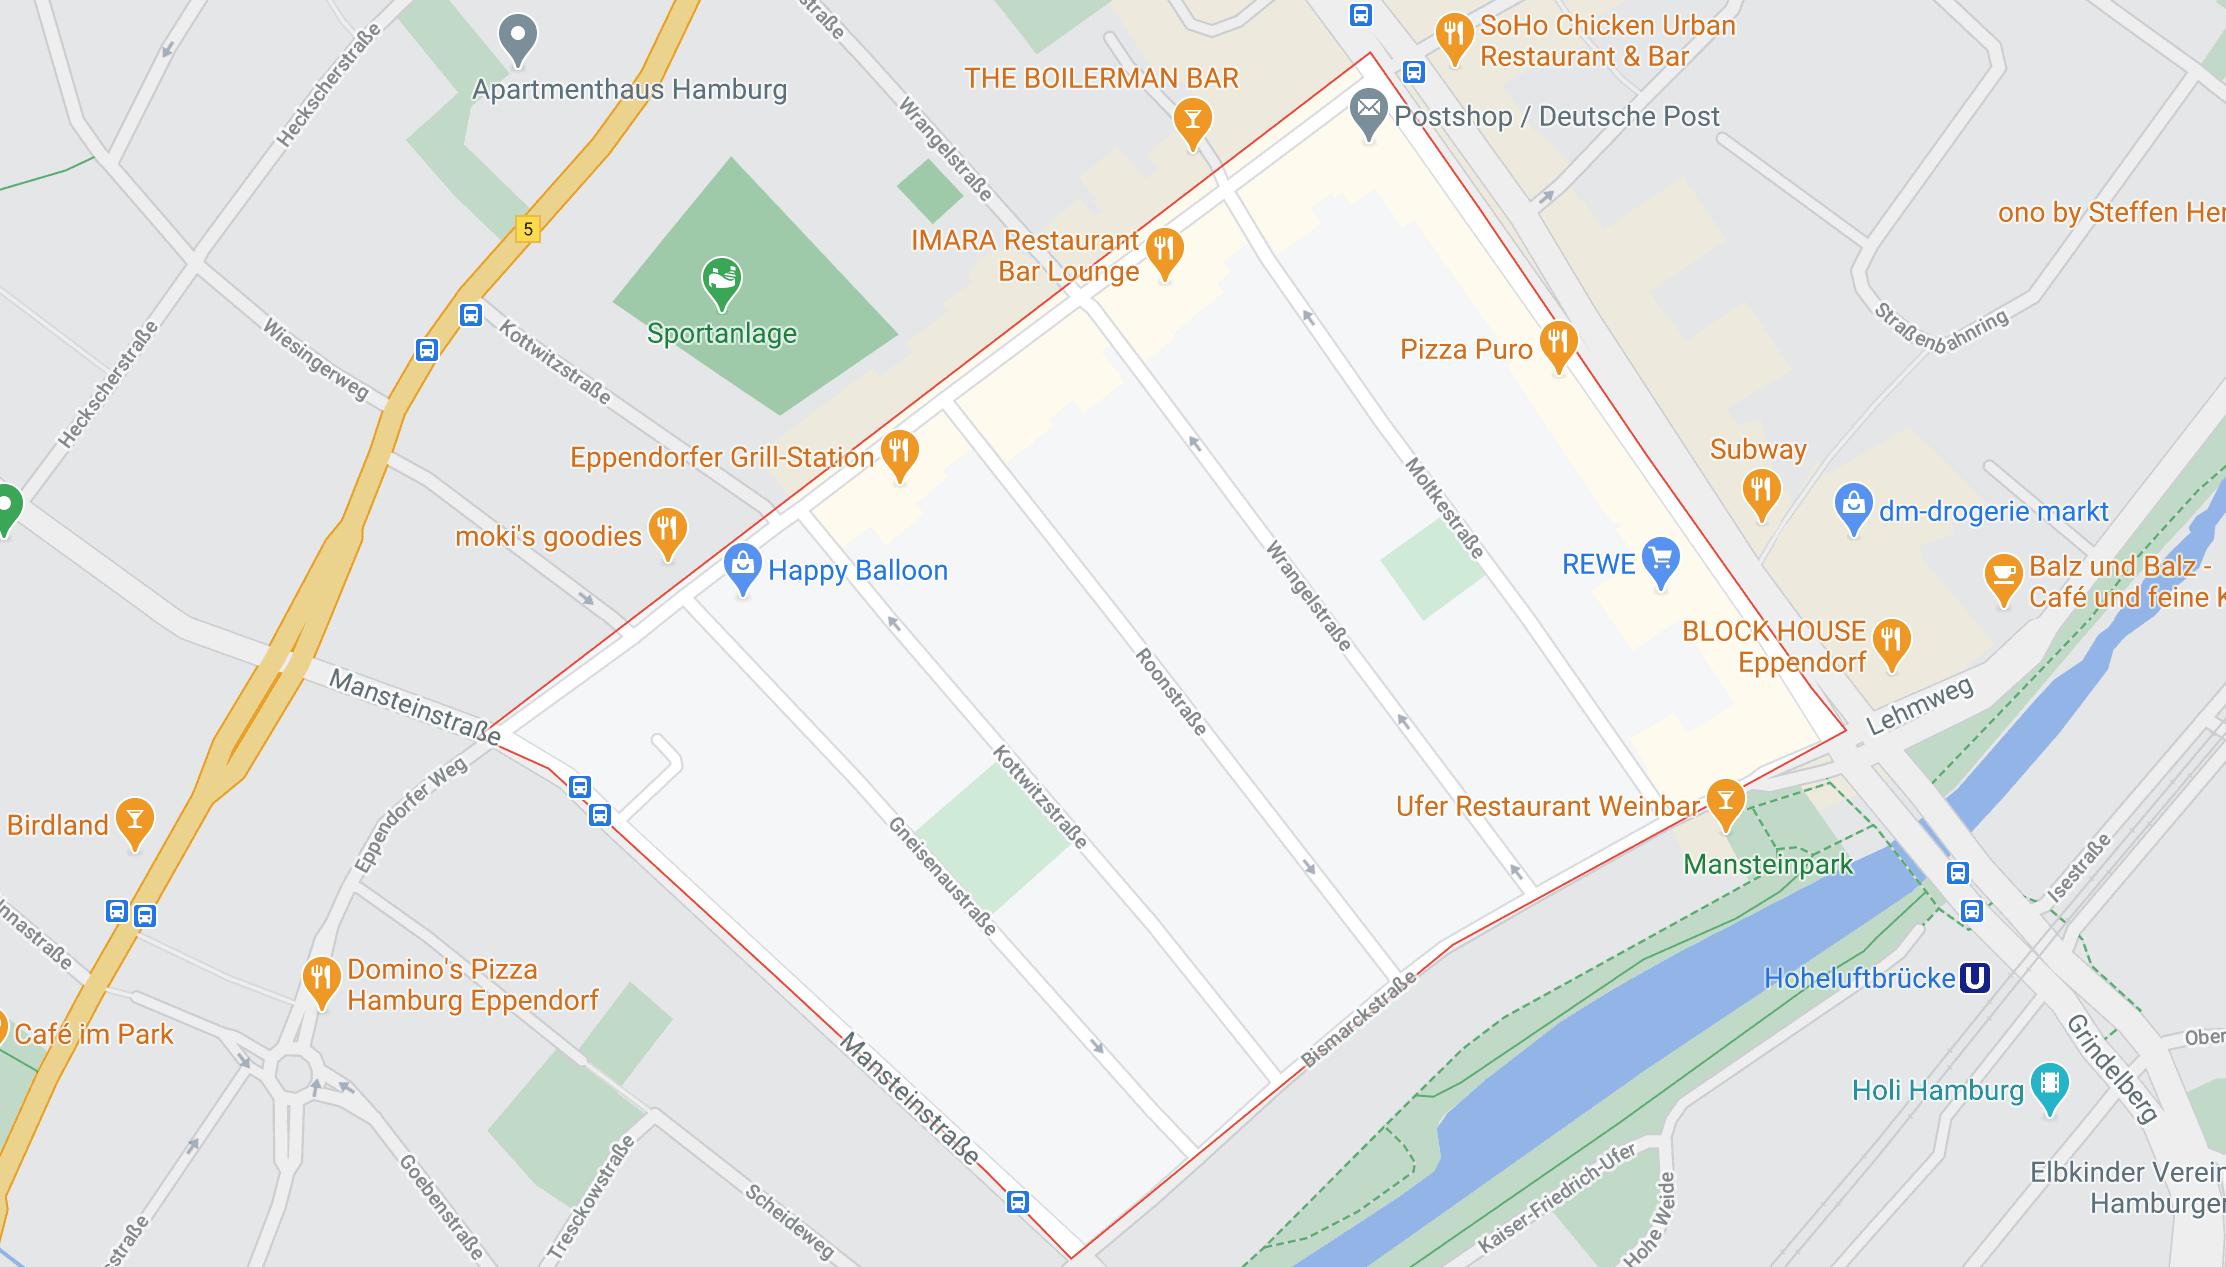 Google Maps Generalsviertel